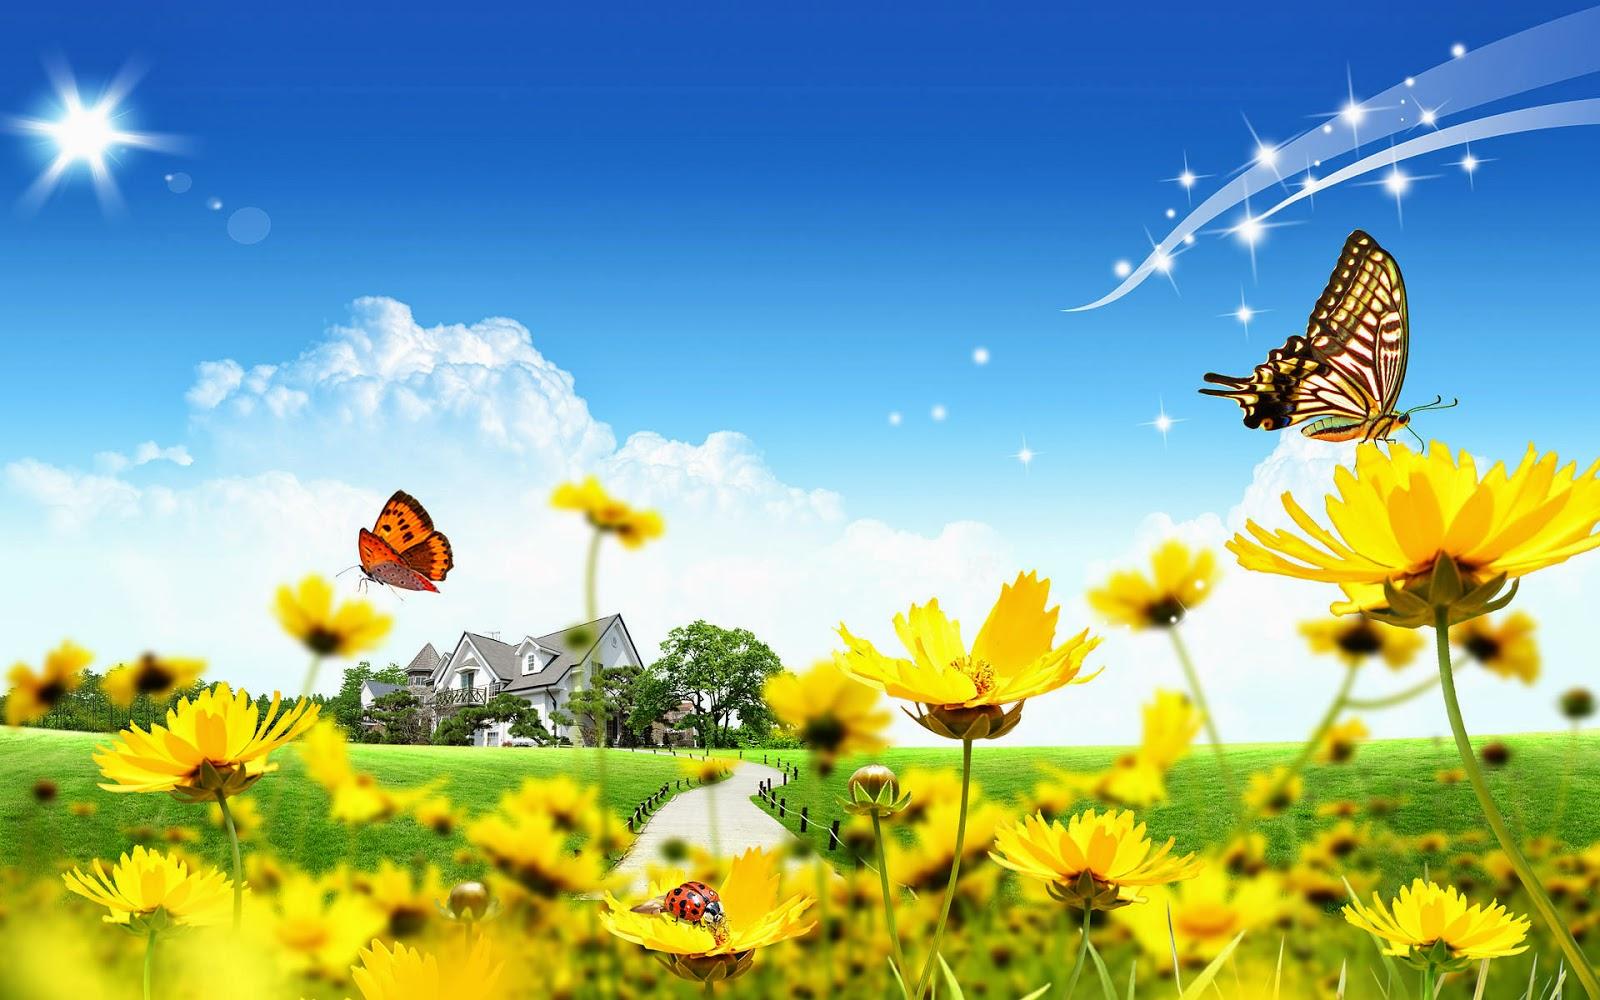 Zomer afbeelding met bloemen en dieren